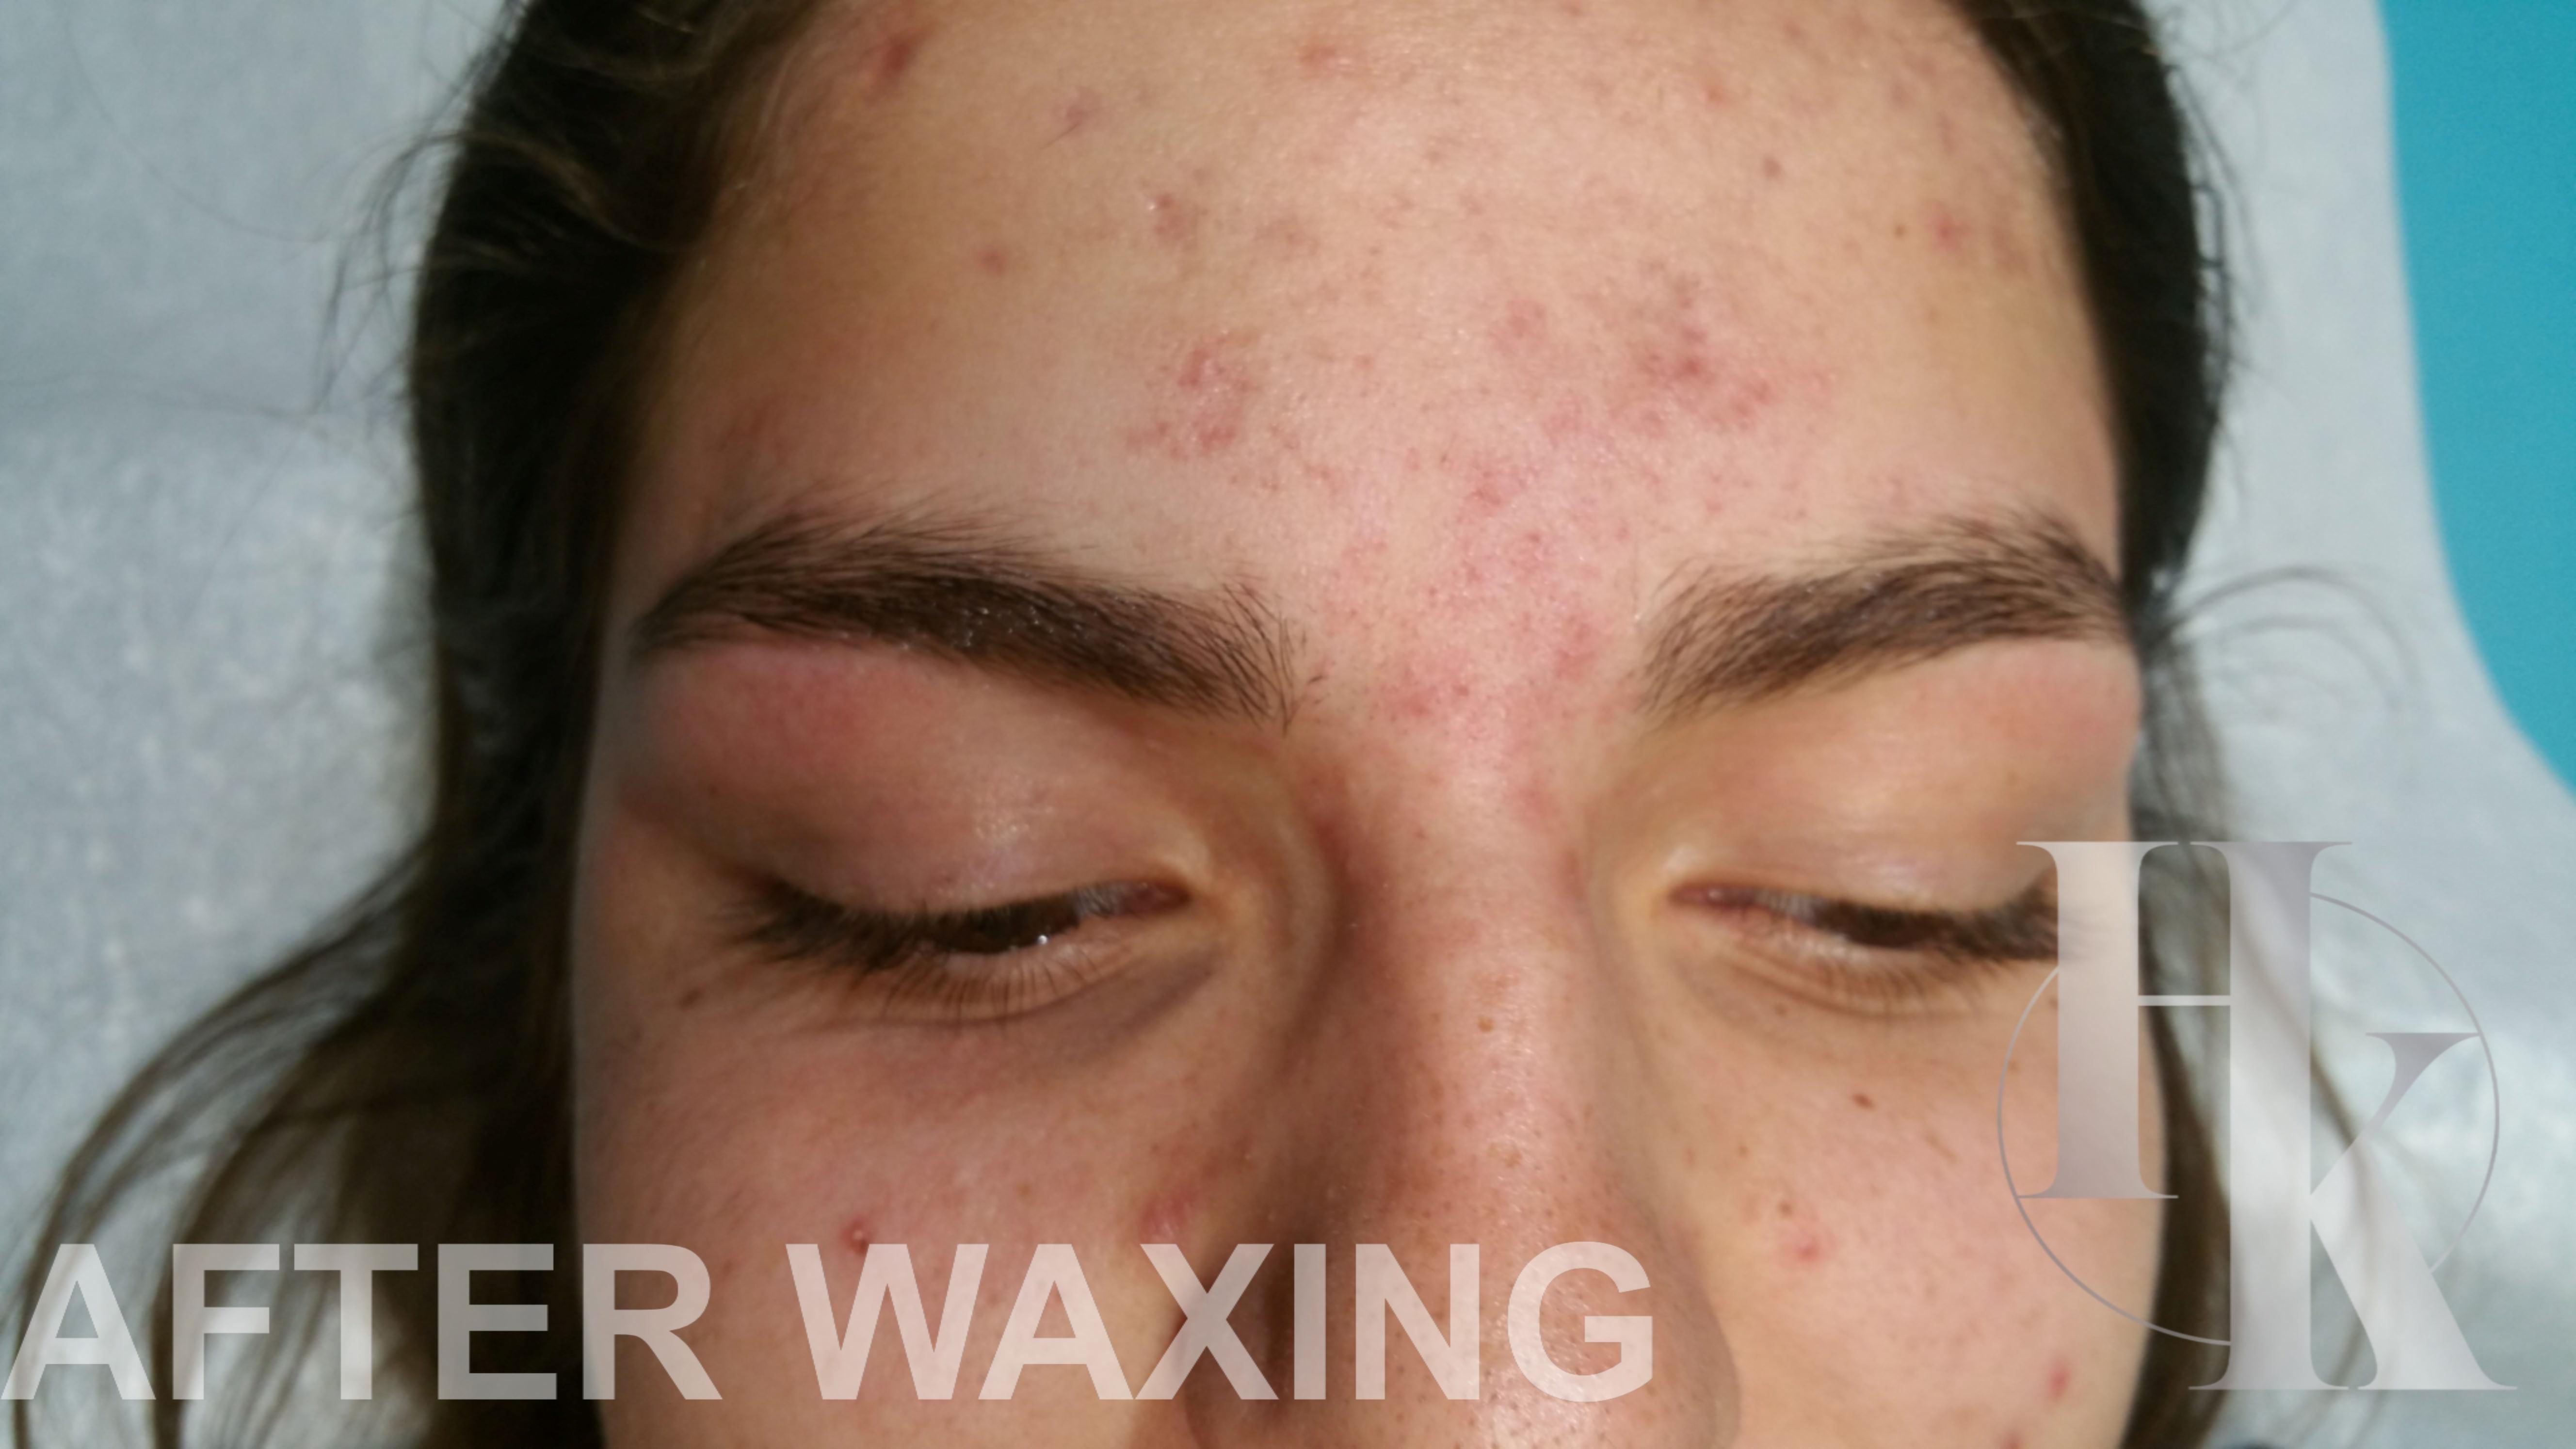 Eyebrow Waxing 78759 (after)